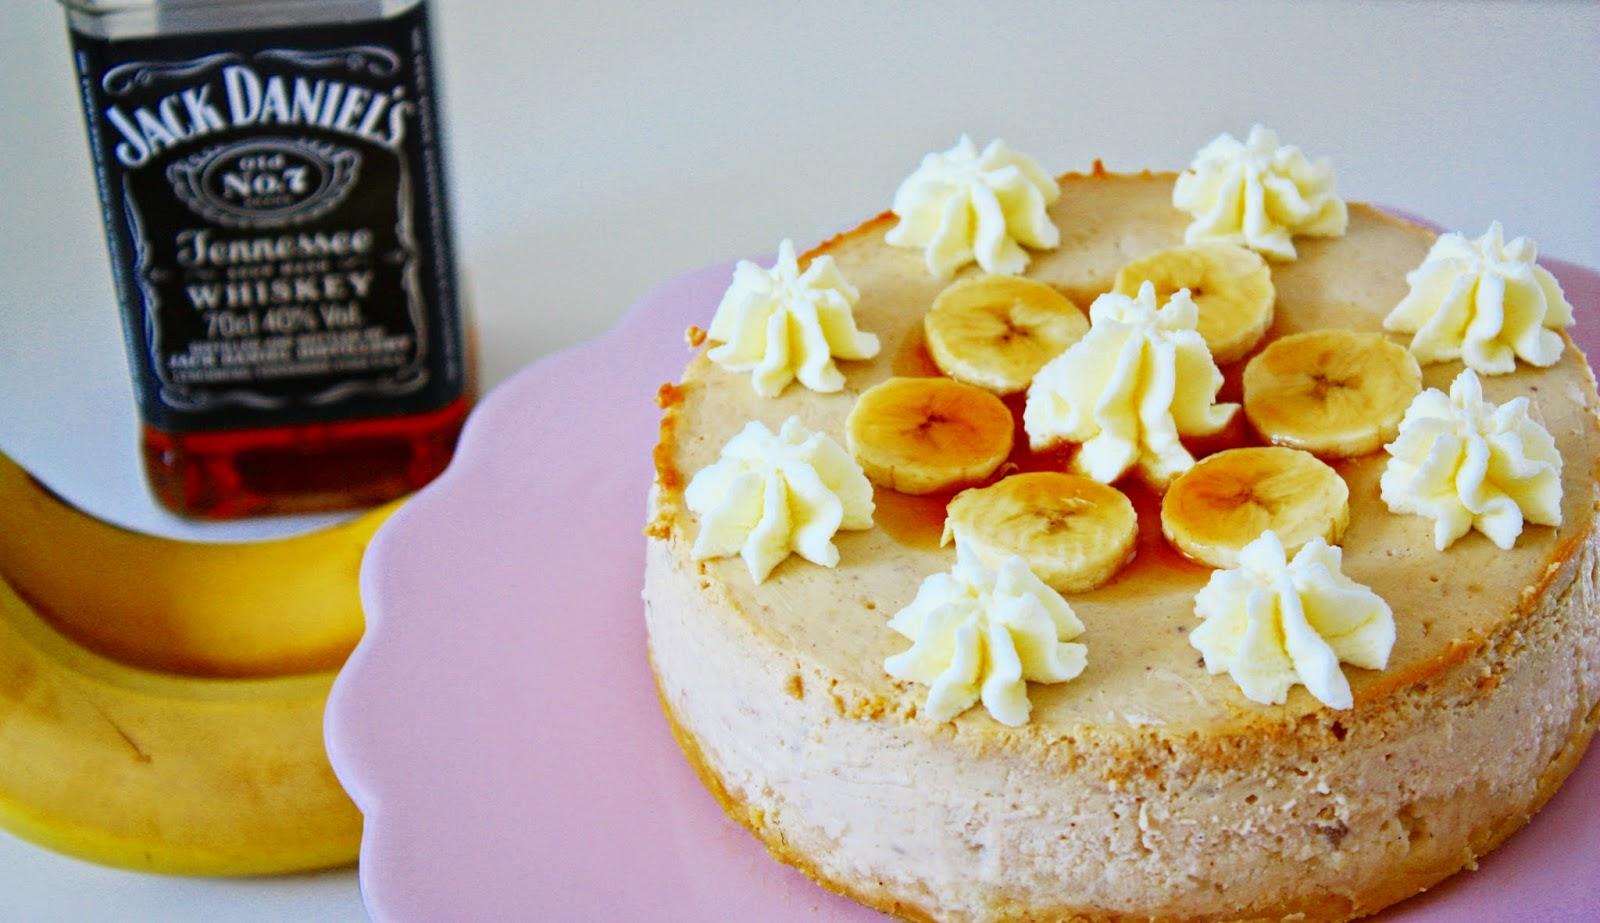 Banana Bourbon Cheesecake